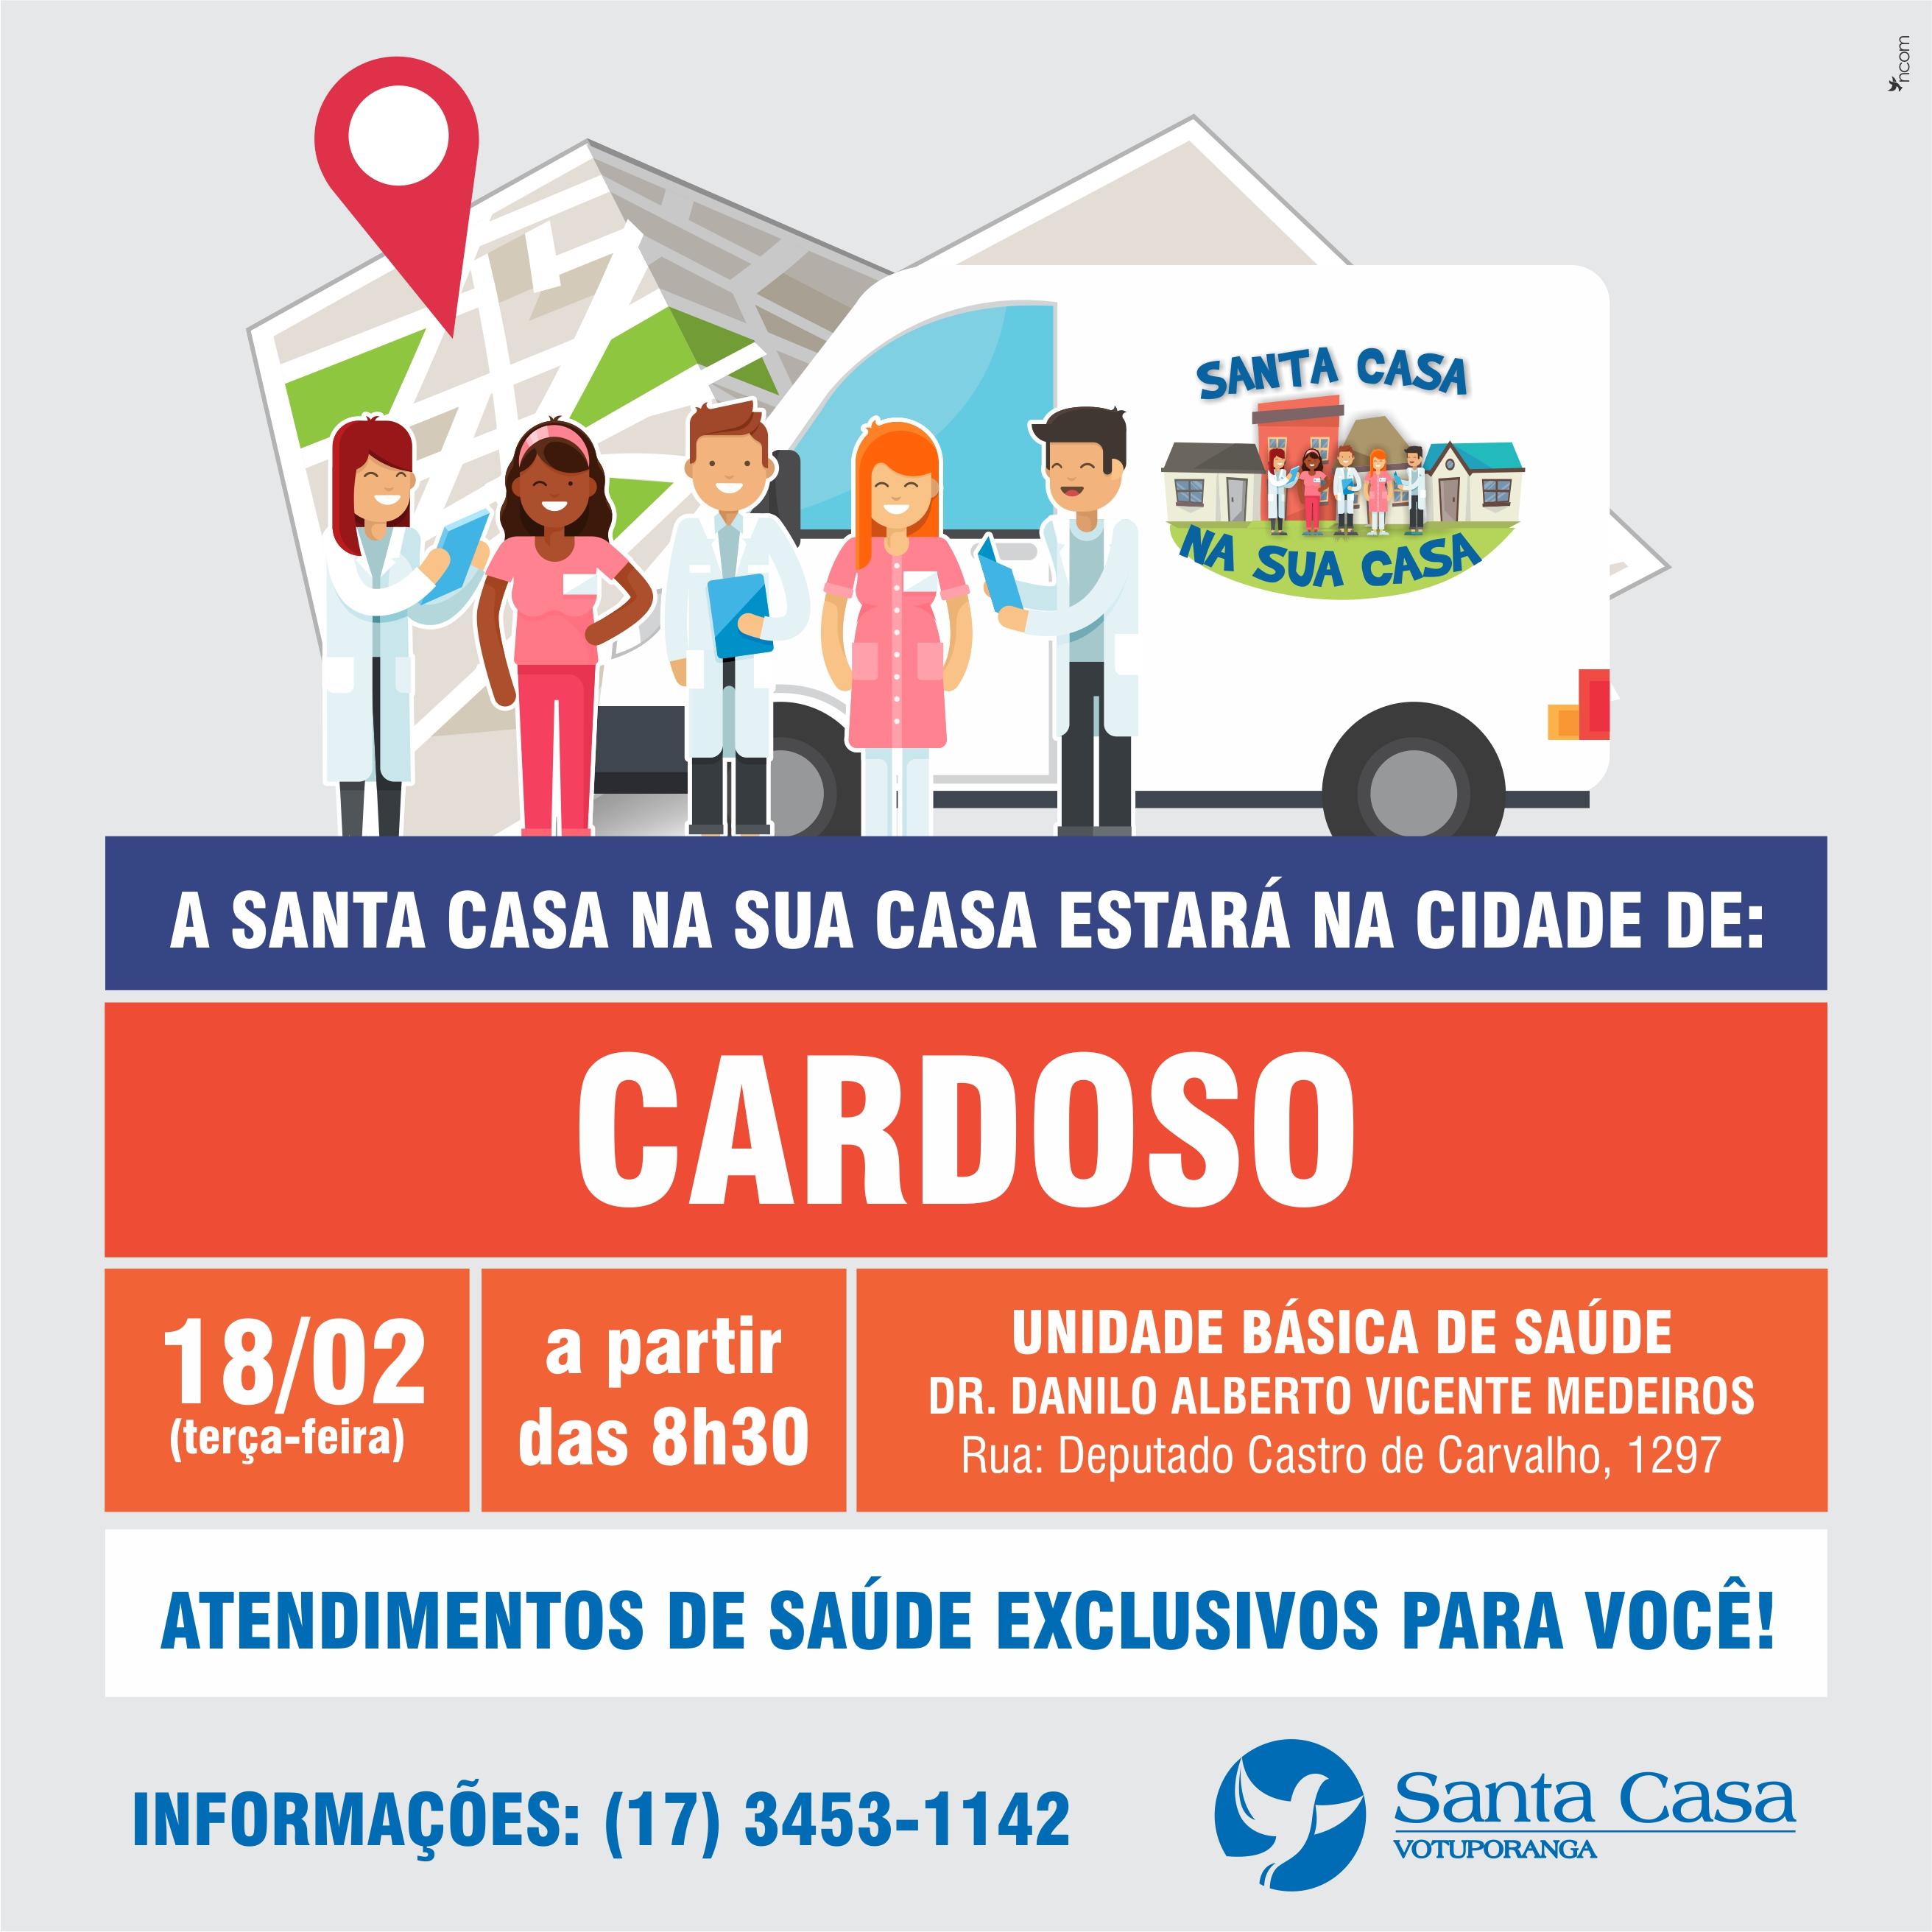 Santa Casa na Sua Casa: Cardoso recebe projeto no dia 18